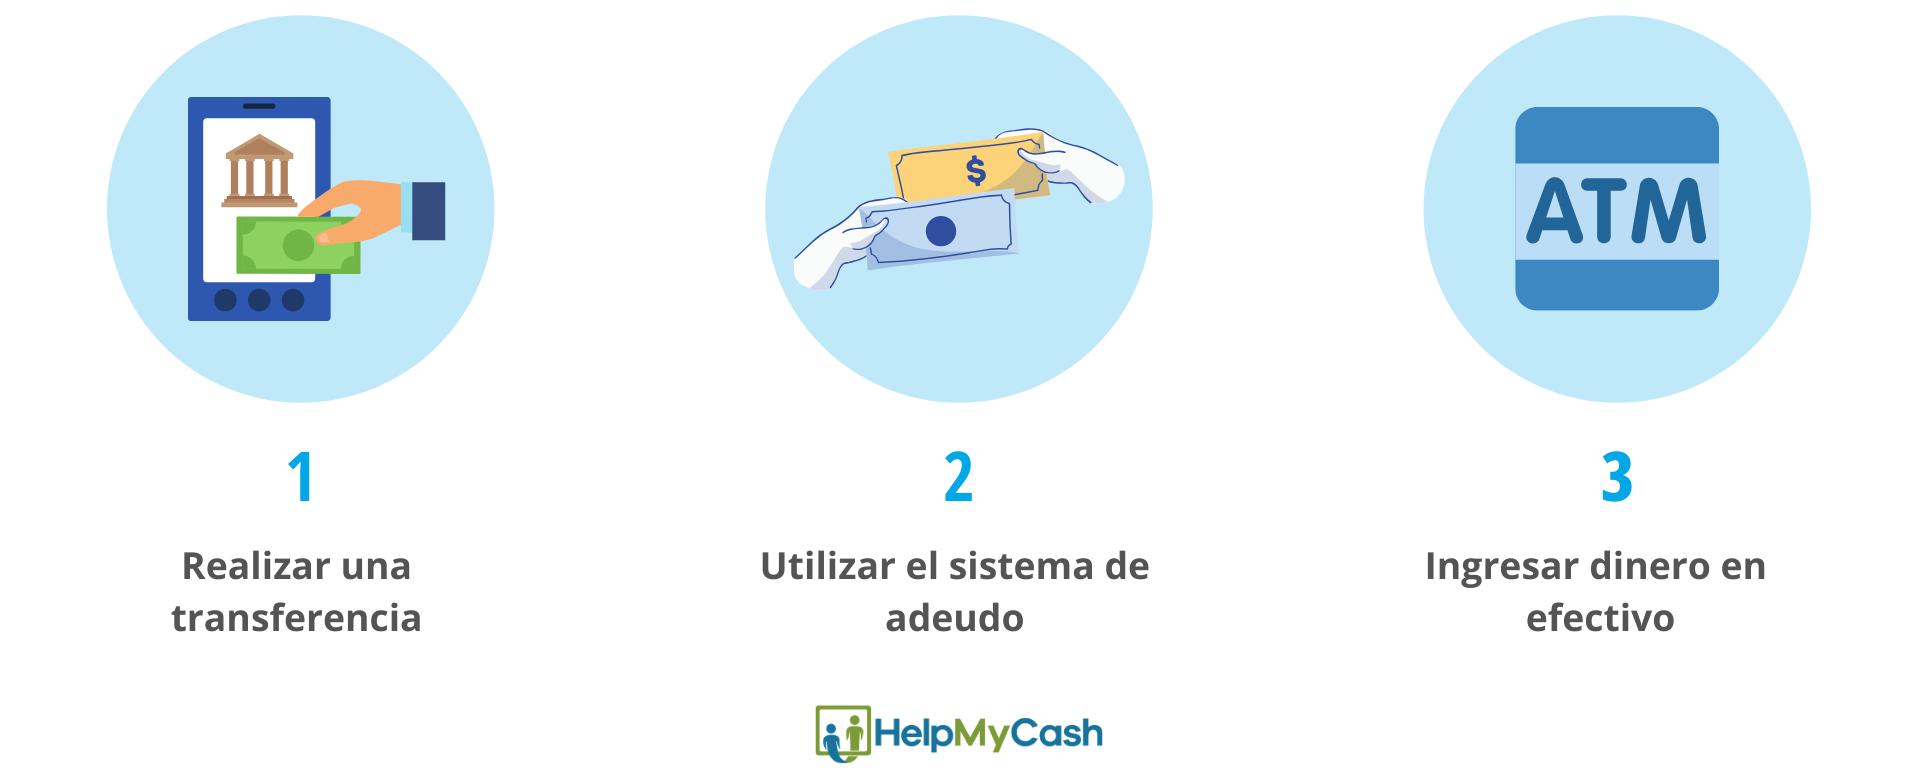 Transferir dinero entre cuentas: 1- realizar una transferencia. 2- utilizar el sistema de adeudo. 3- ingresar dinero en efectivo.